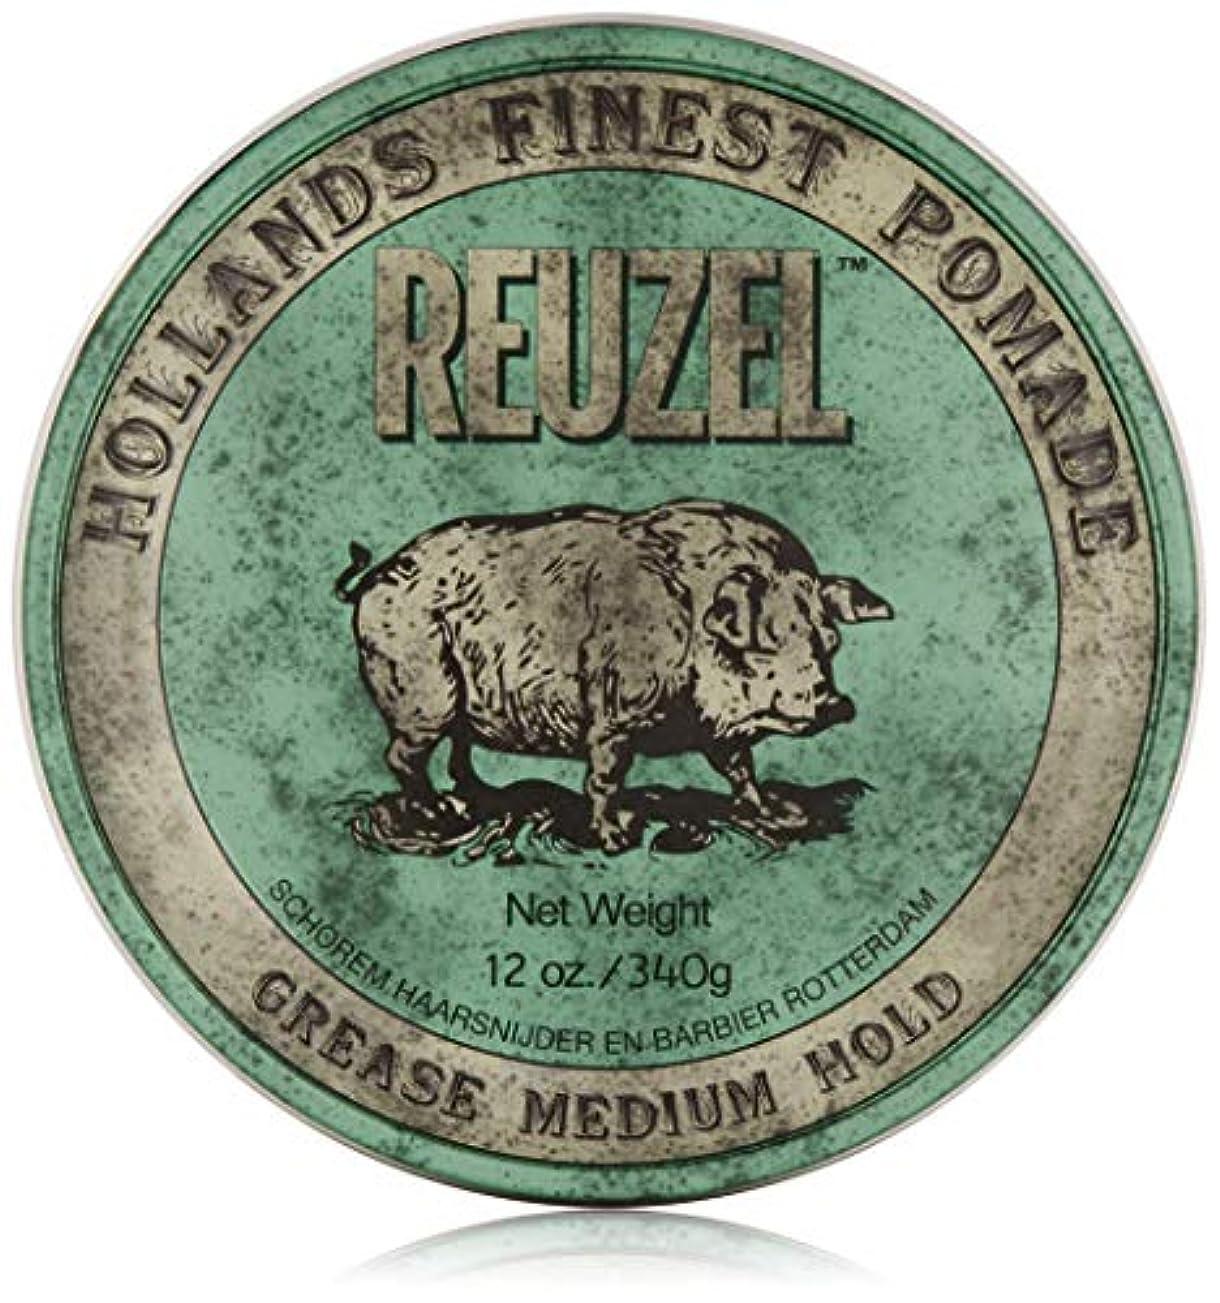 漏れ王室絶縁するREUZEL Grease Medium Hold Pomade Hog, Green, 12 oz. by REUZEL